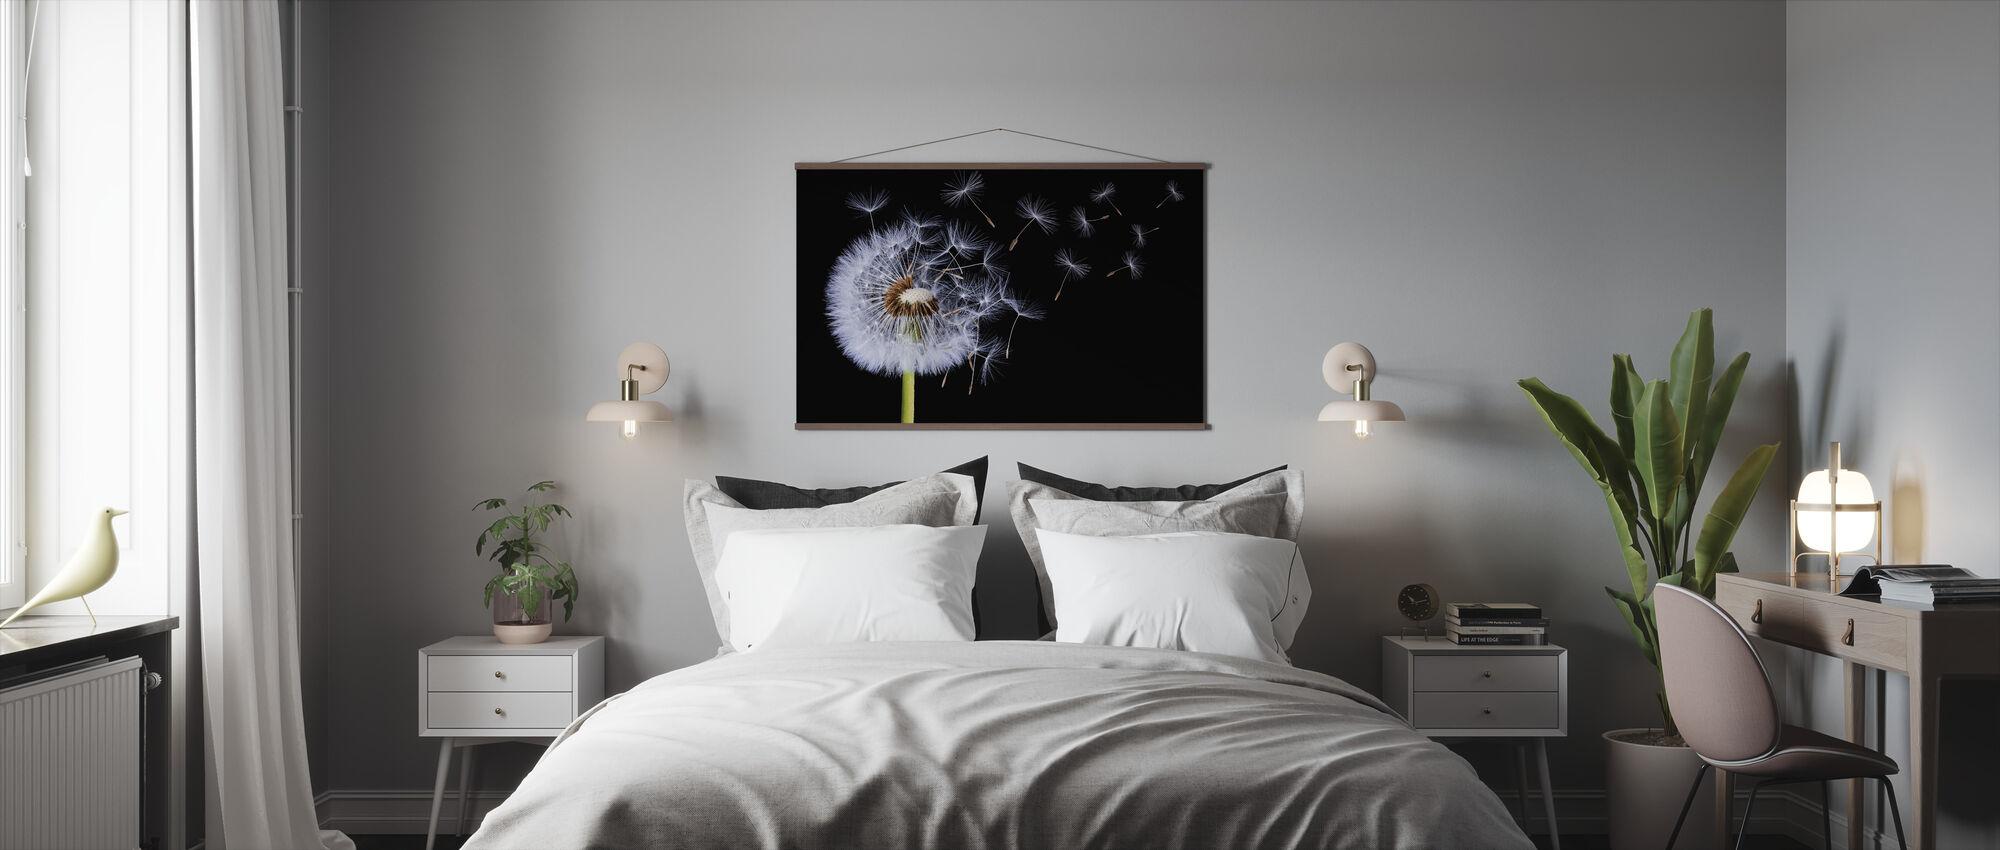 Dandelion Blowing - Poster - Bedroom